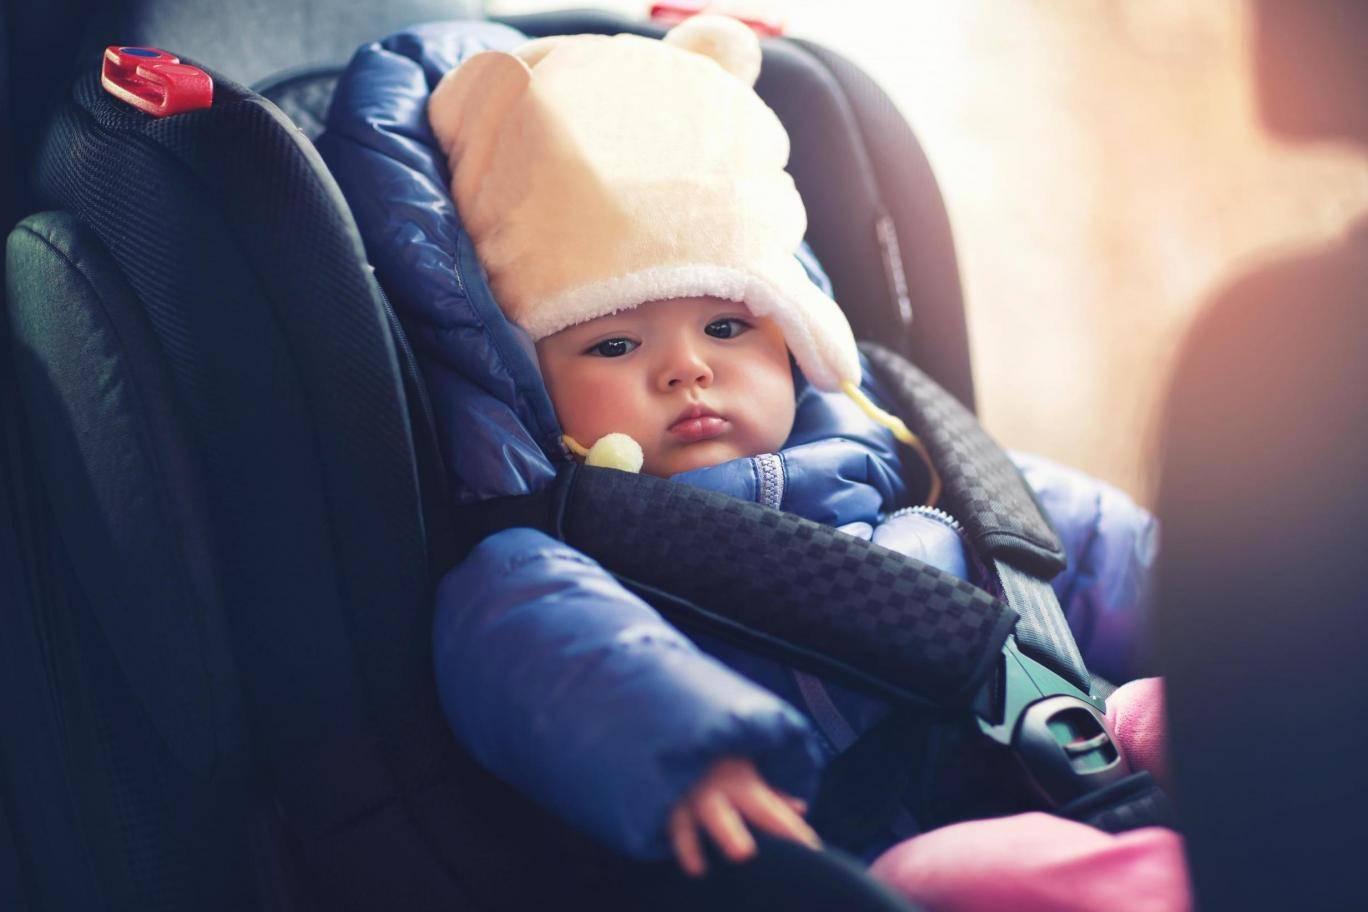 家长请注意!孩子坐安全座椅不要穿厚外套